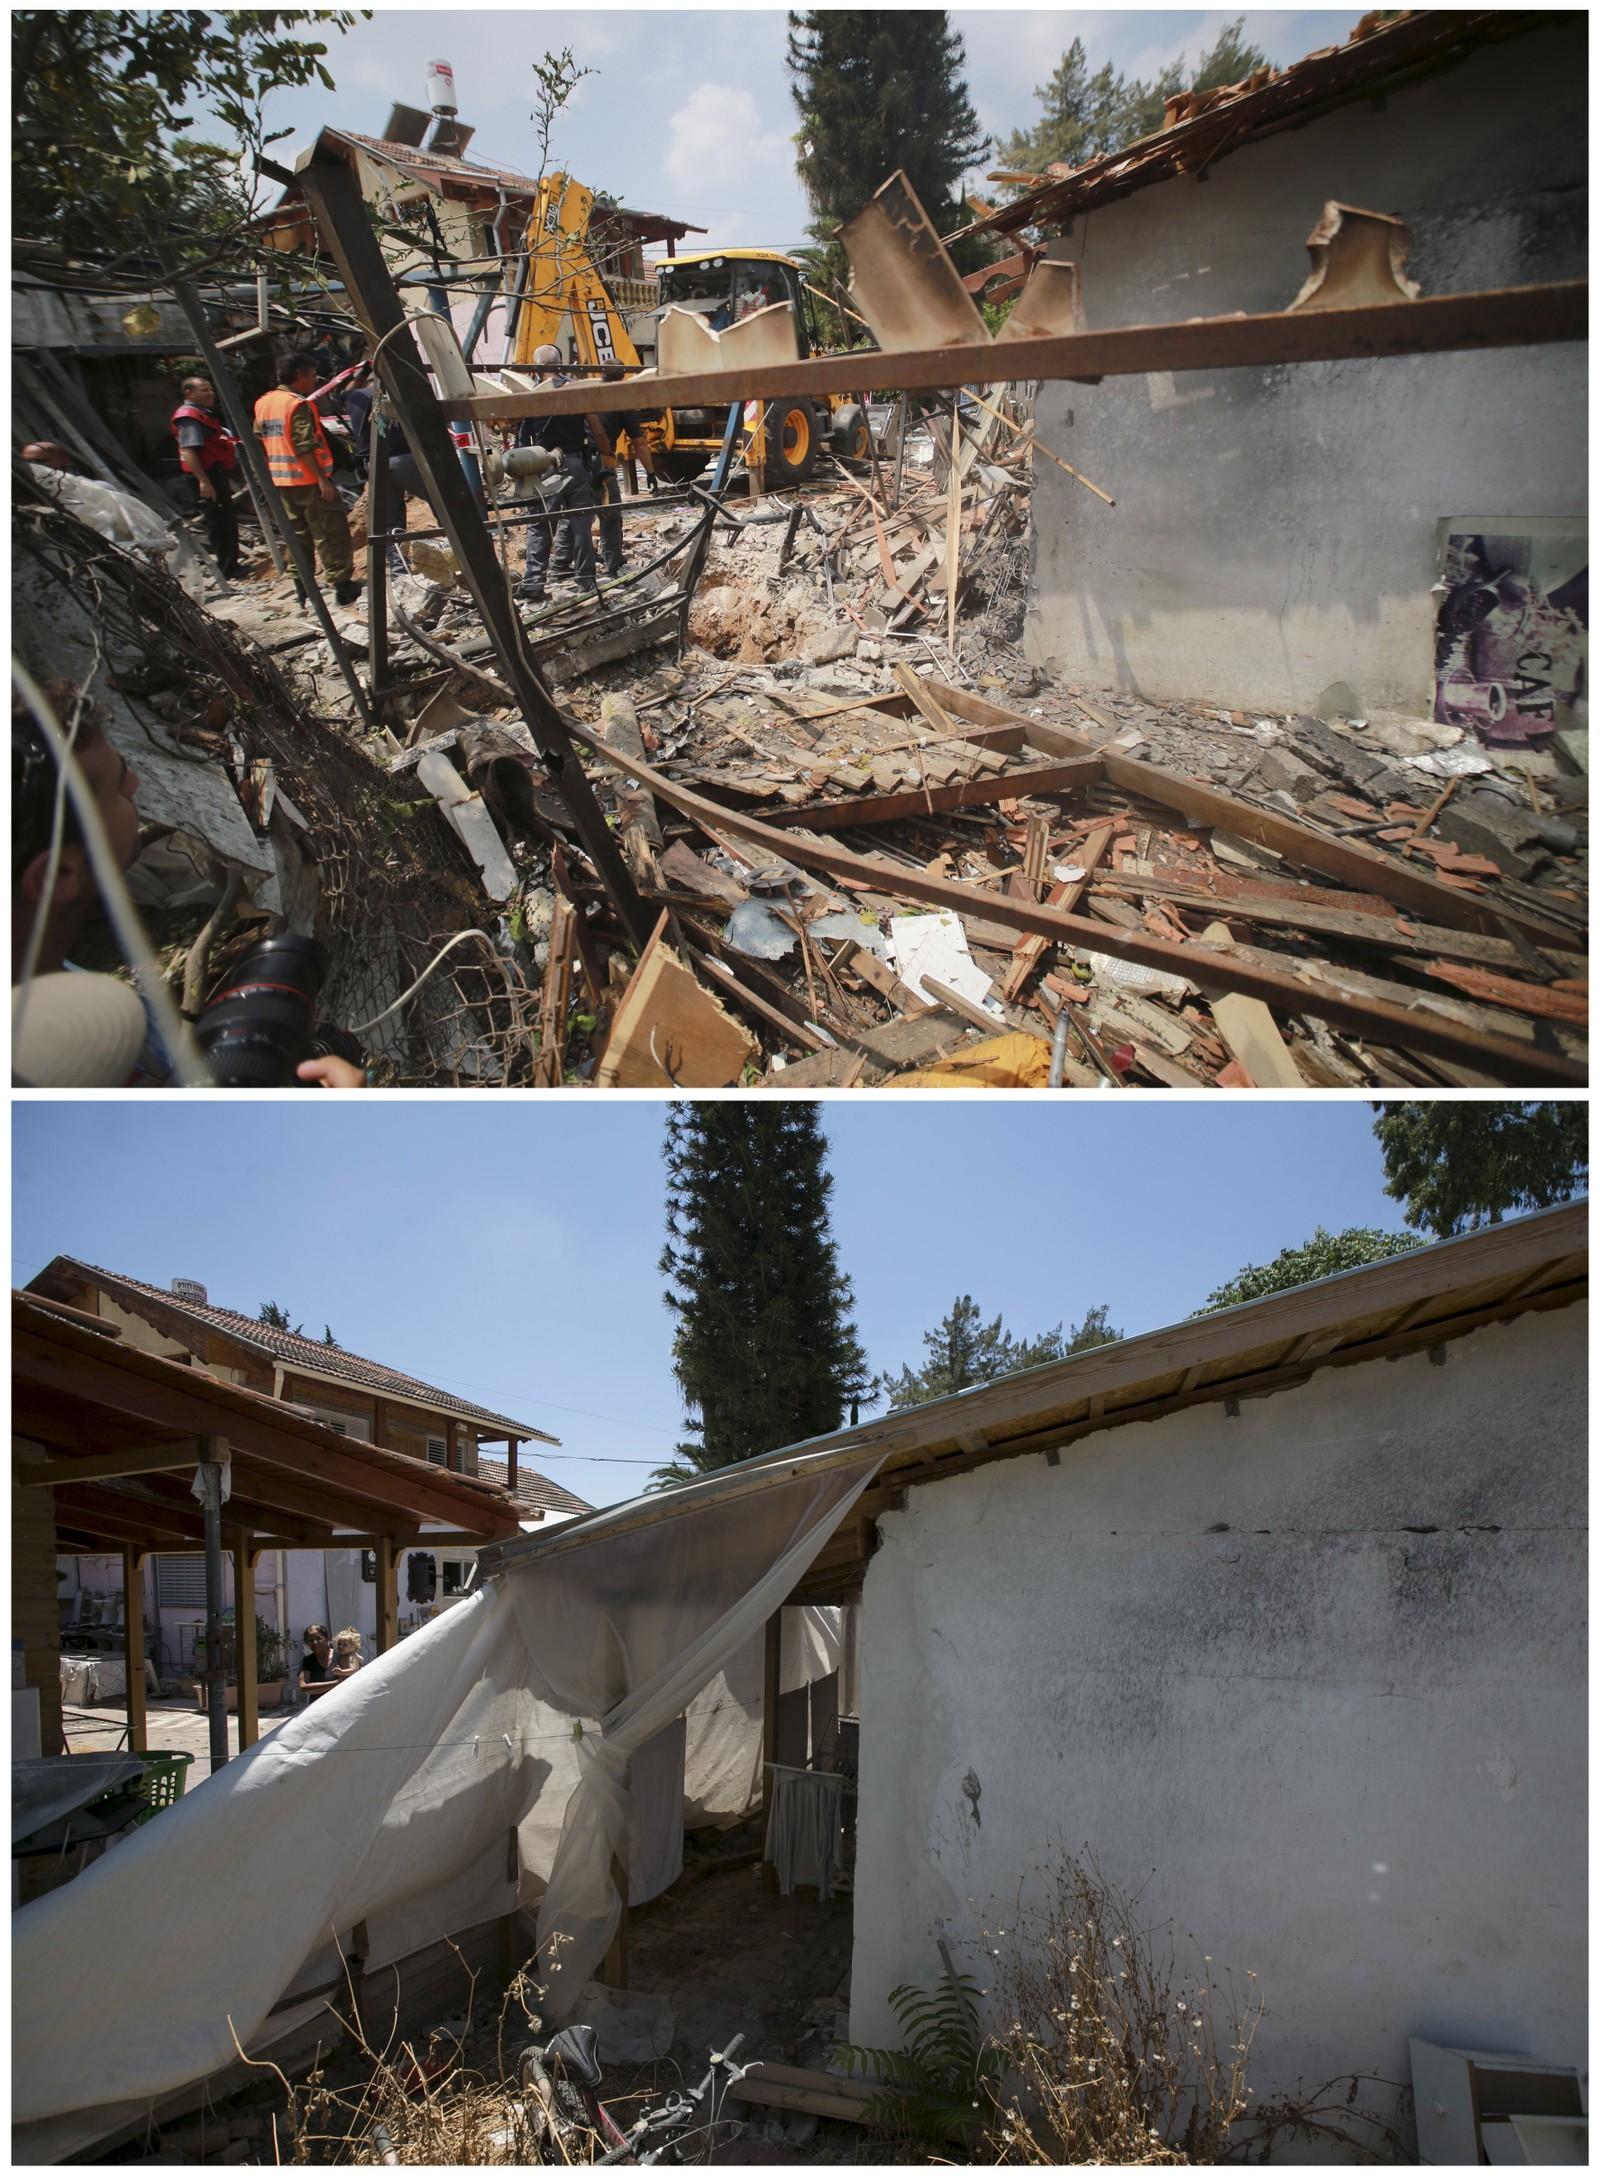 Israelsk krisepersonell arbeider på et nedslagssted for en palestinsk rakett i Yahud i nærheten av Tel Aviv 22. juli 2014. Det nederste bildet viser samme sted et snaut år senere.